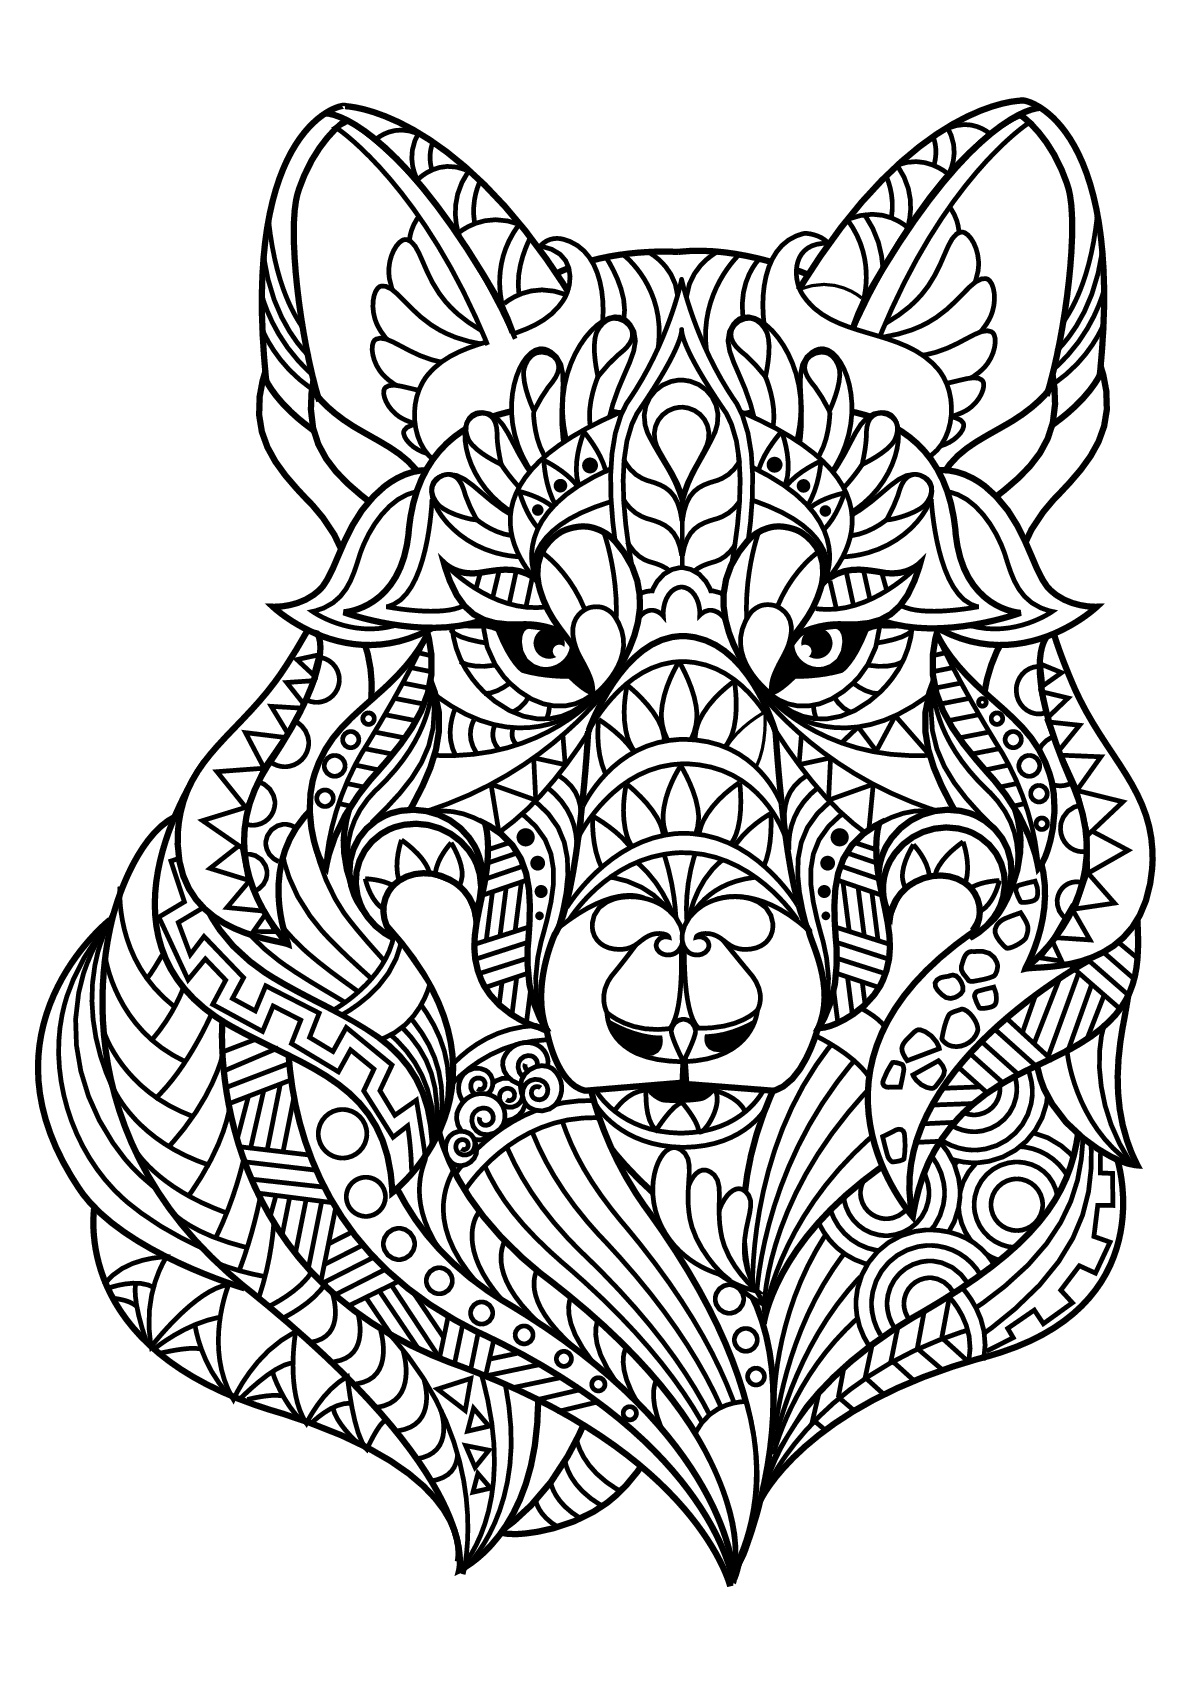 Tête de loup, avec motifs harmonieux et complexes